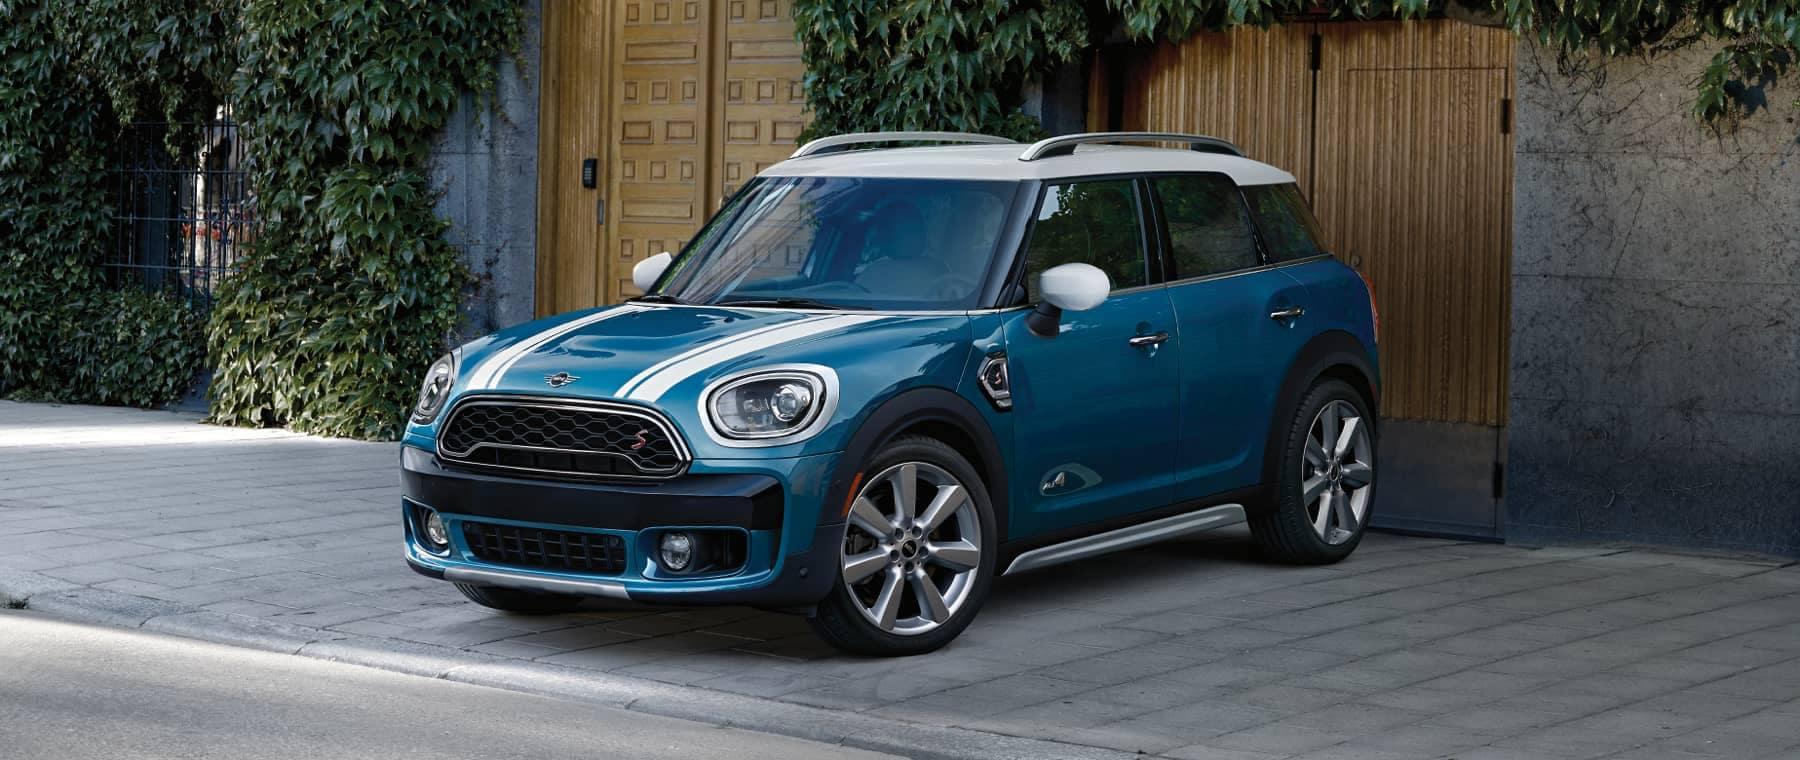 Blue MINI parked